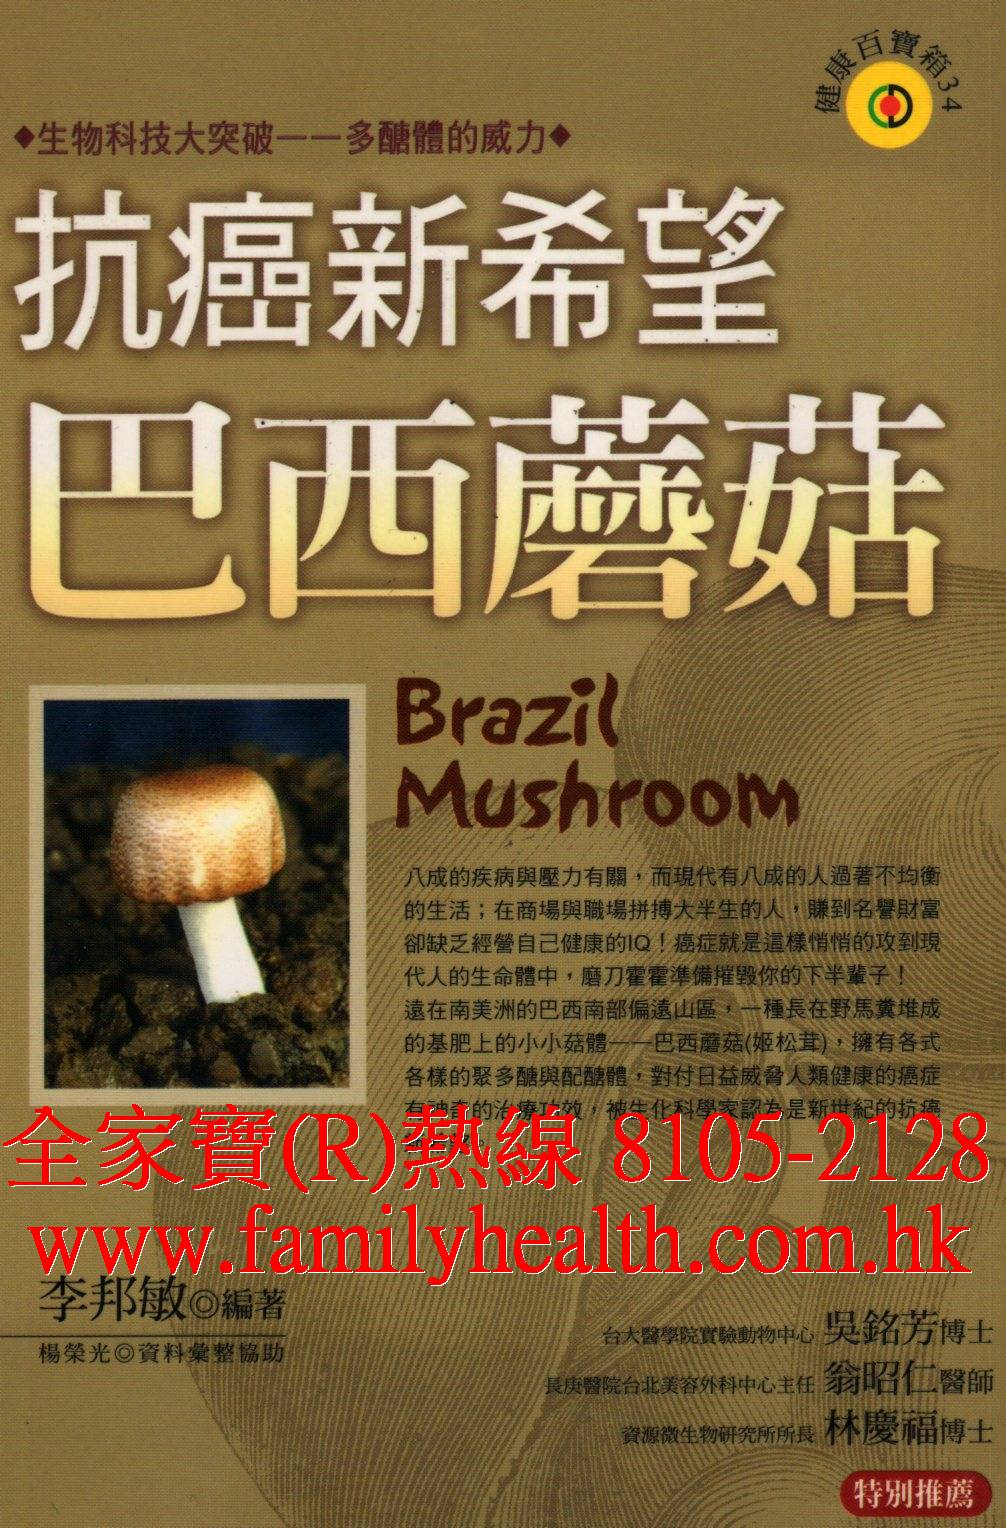 http://www.familyhealth.com.hk/files/full/1039_0.jpg